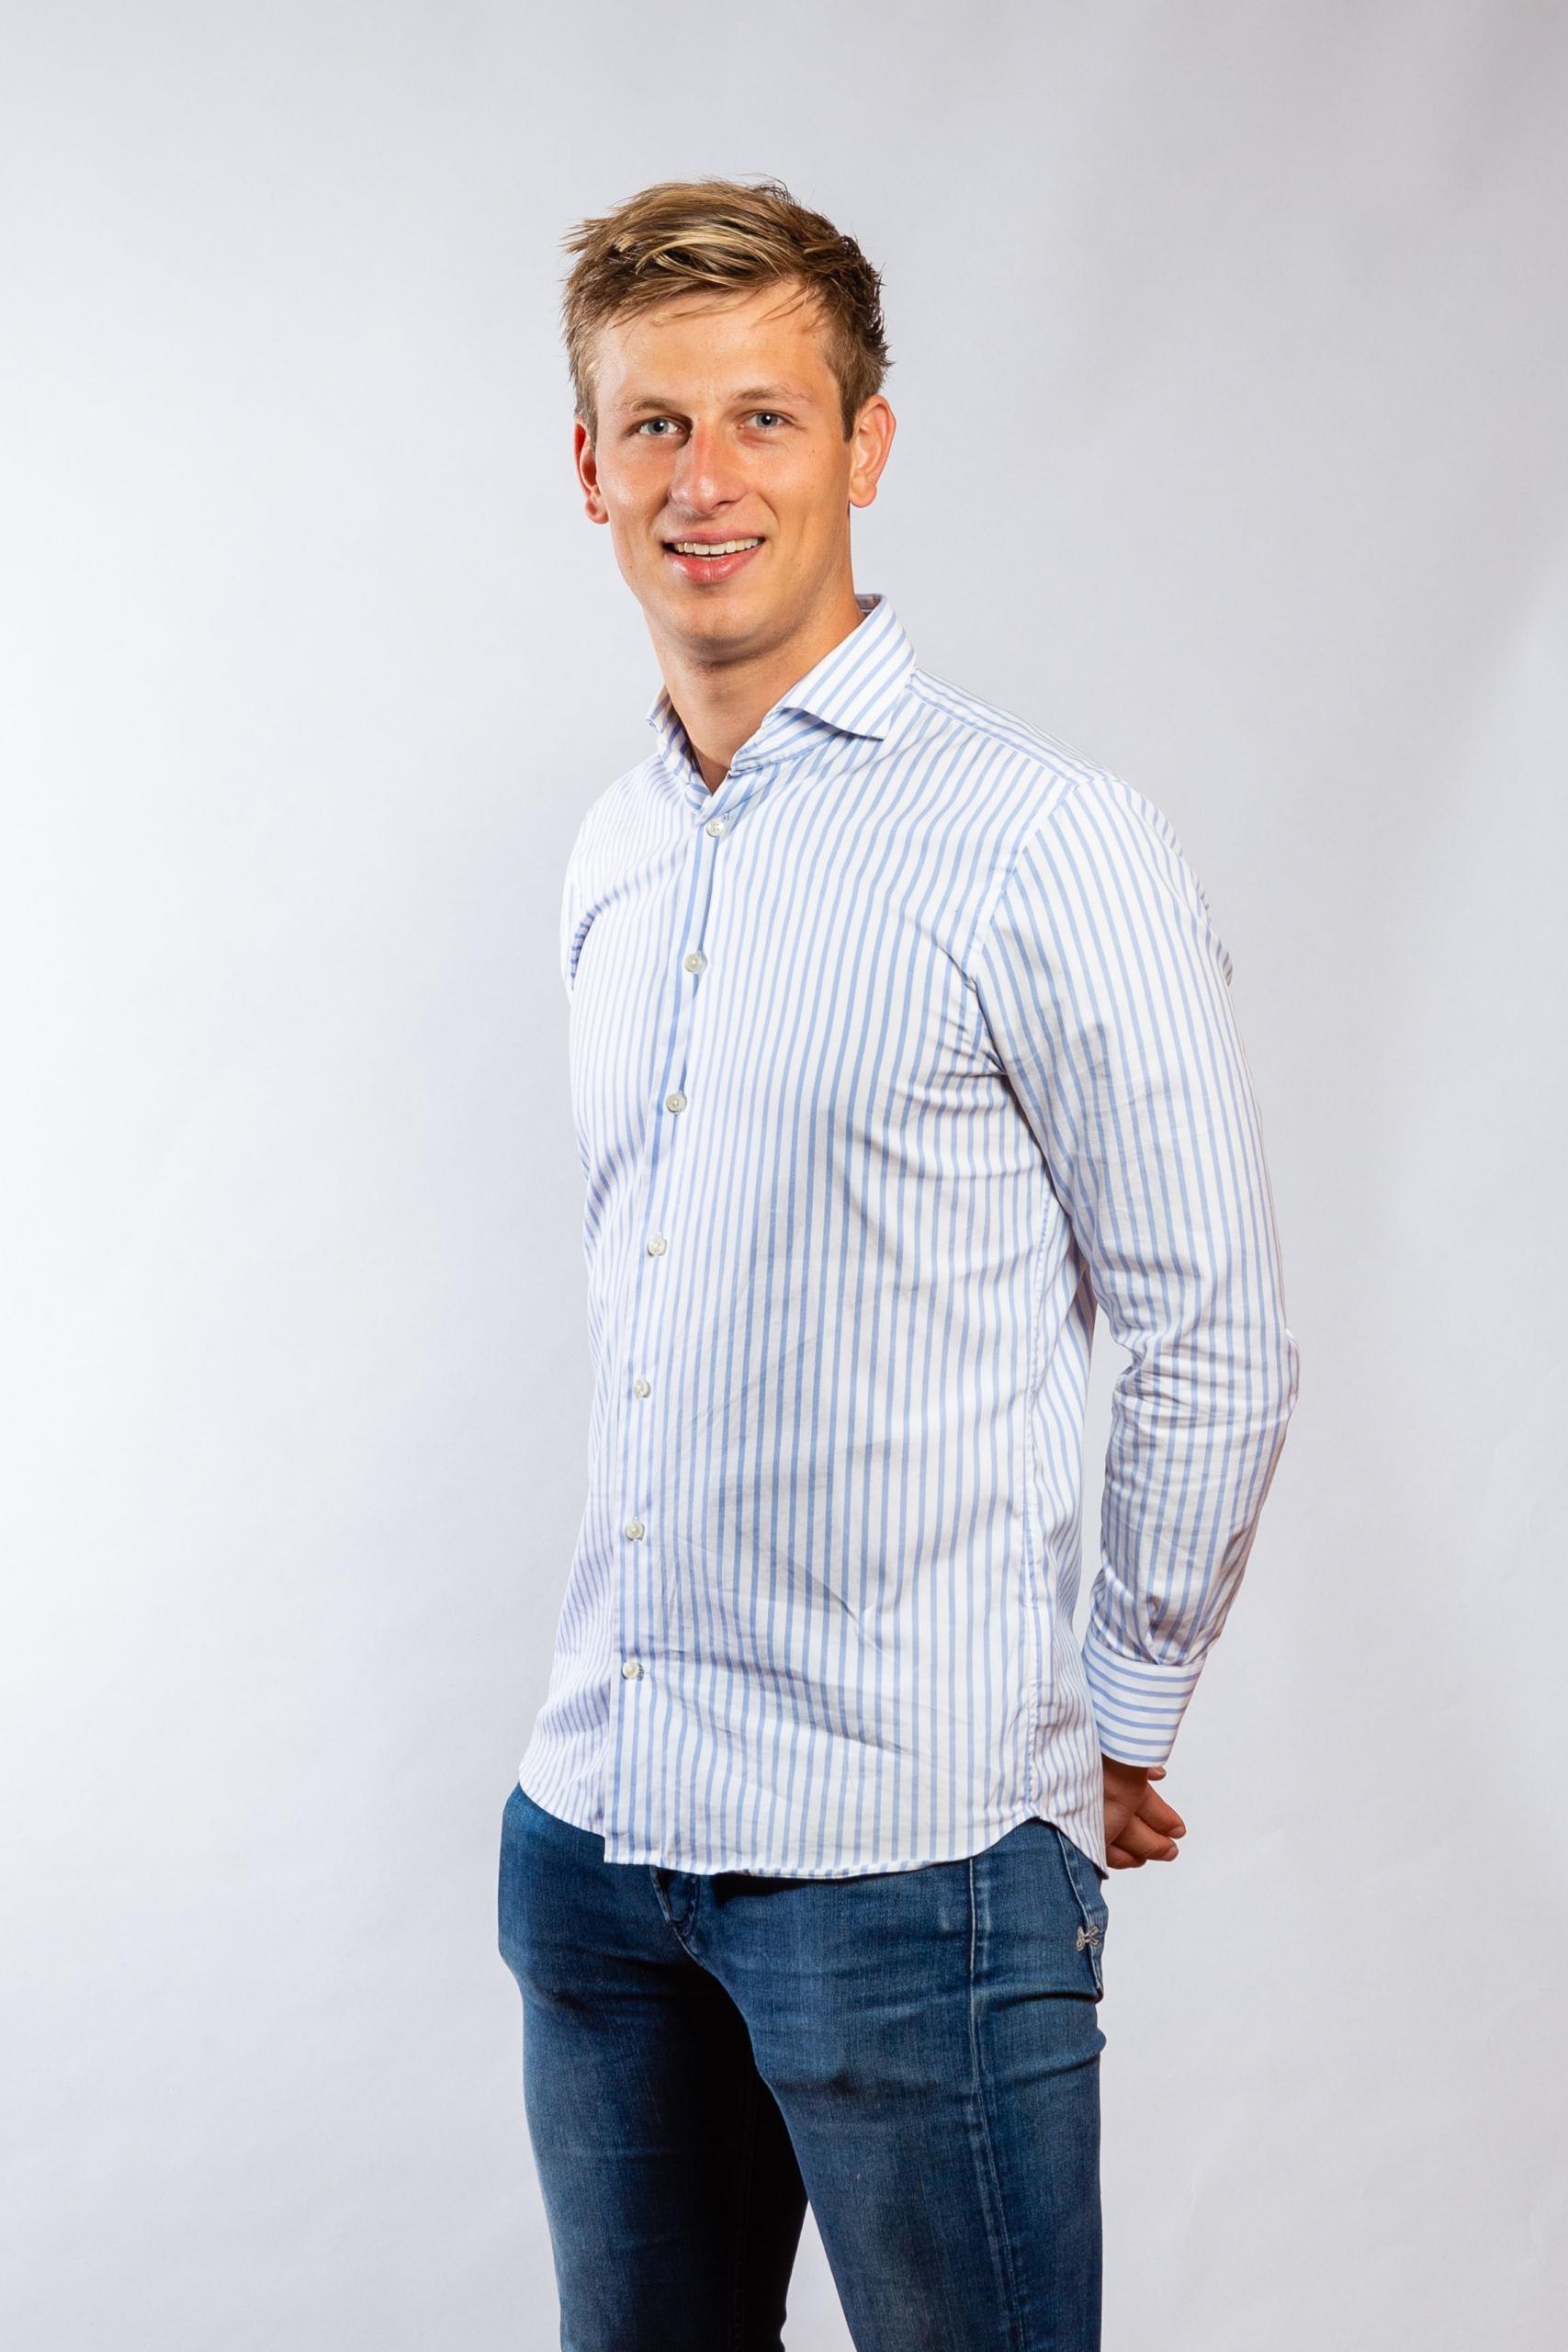 Fabian Broersen